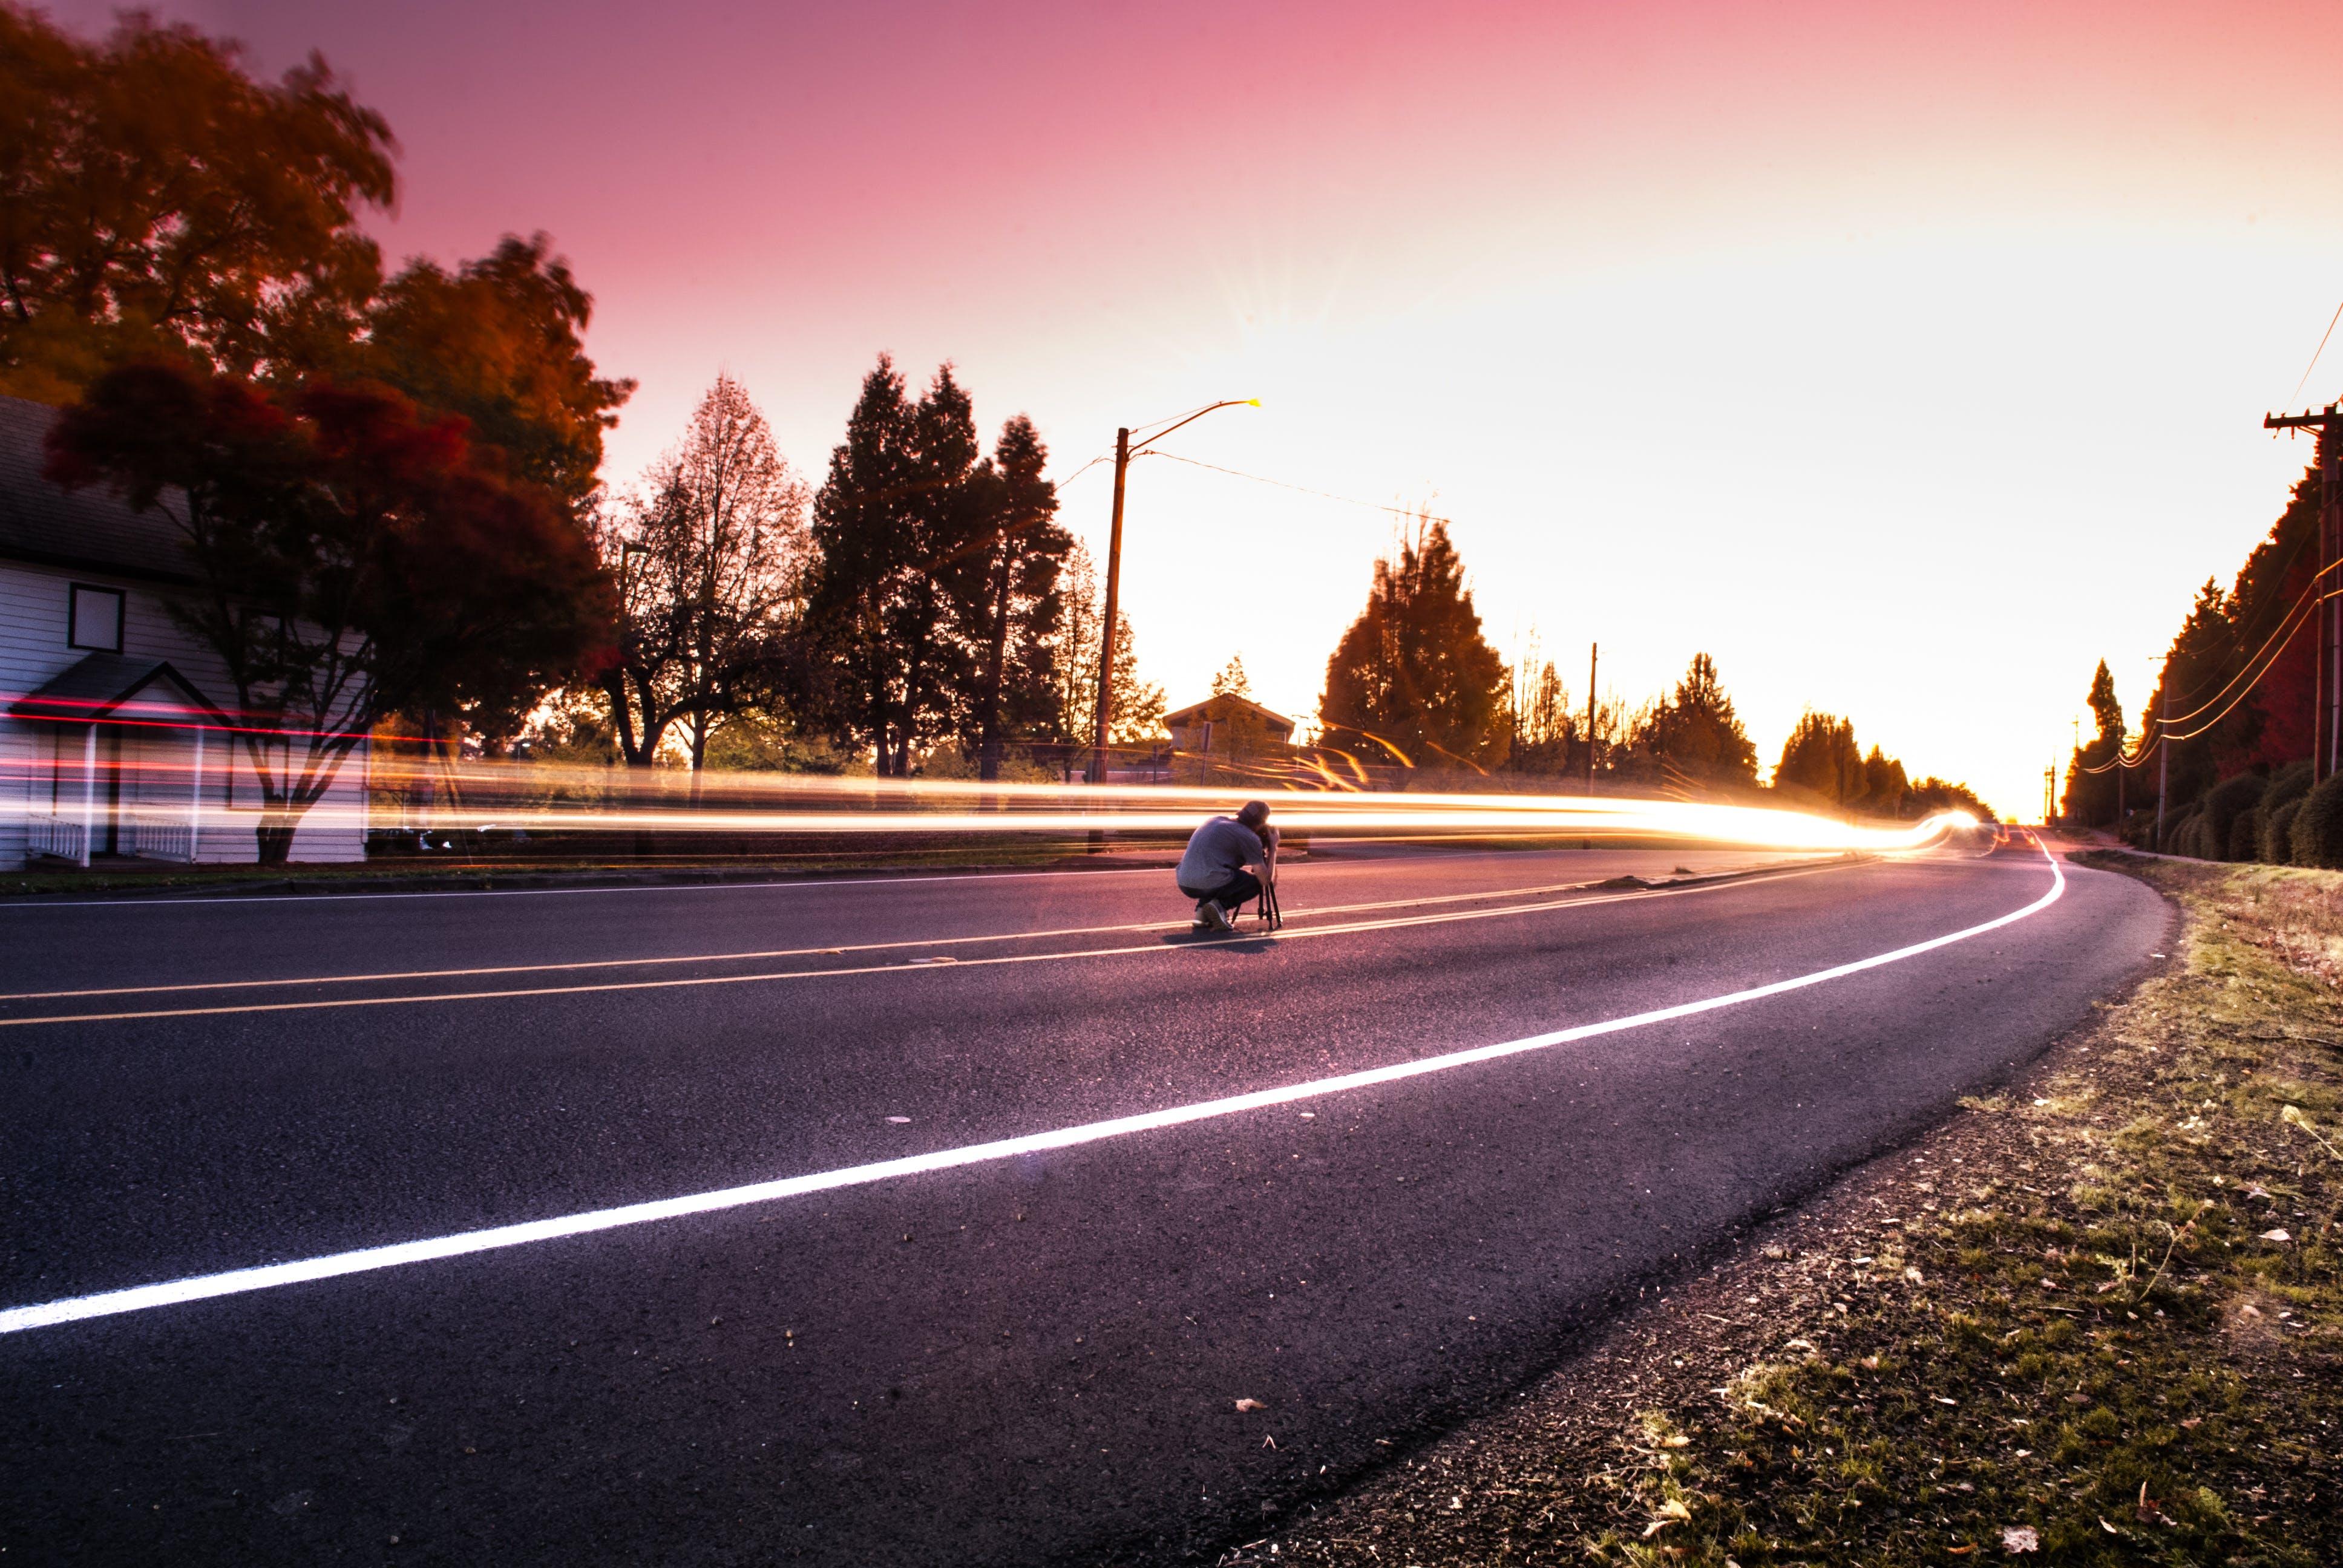 Fotos de stock gratuitas de arboles, asfalto, cámara, cámara rápida